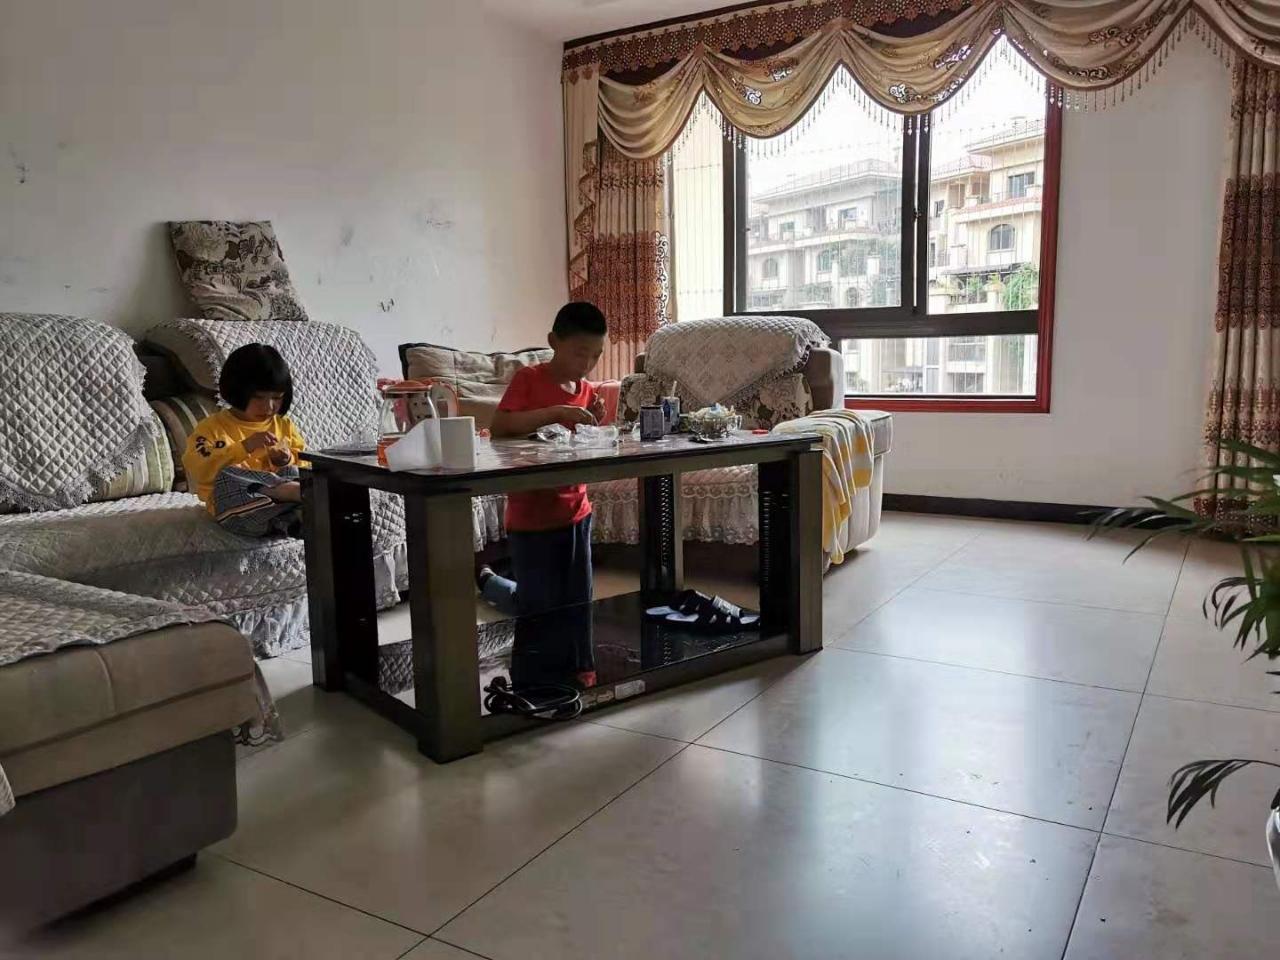 晋鹏·山台山4室 2厅 2卫78.60元